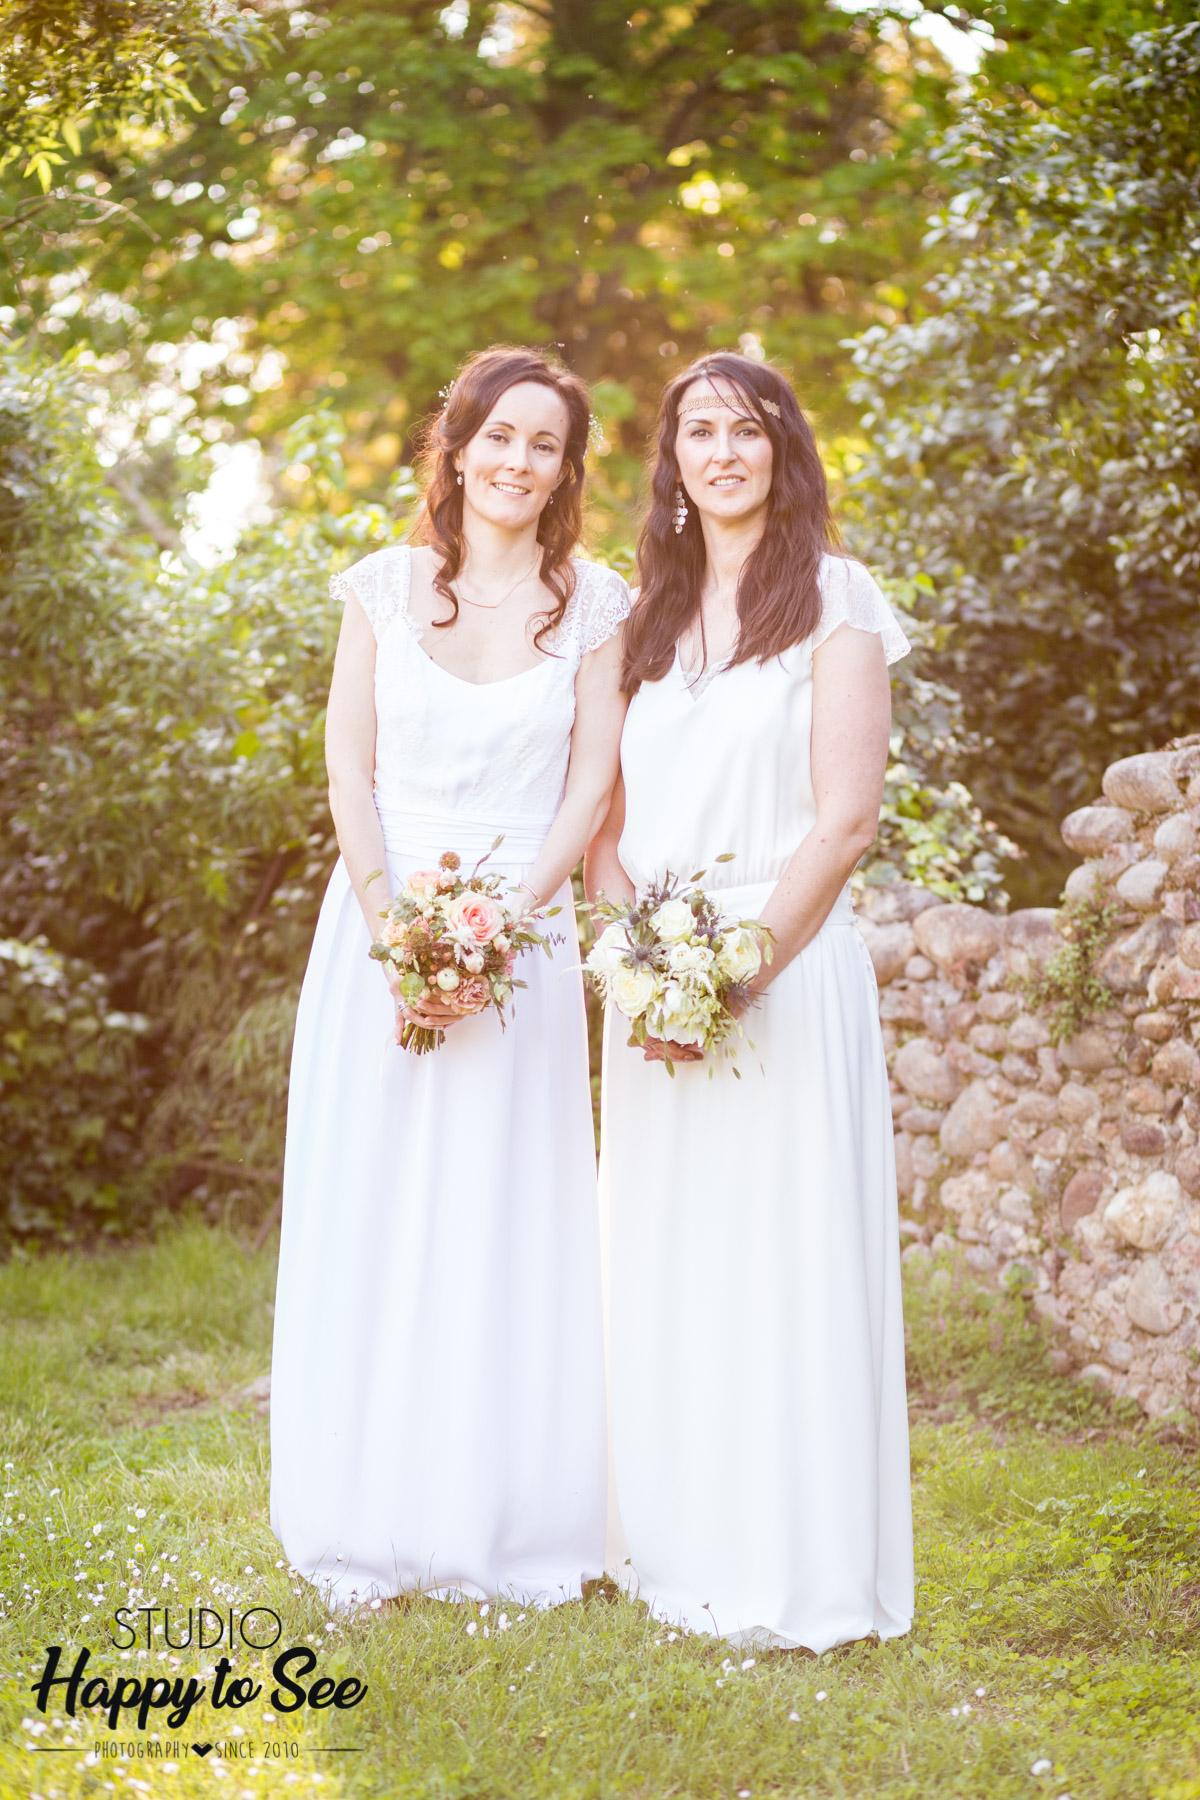 mariage champetre lesbien